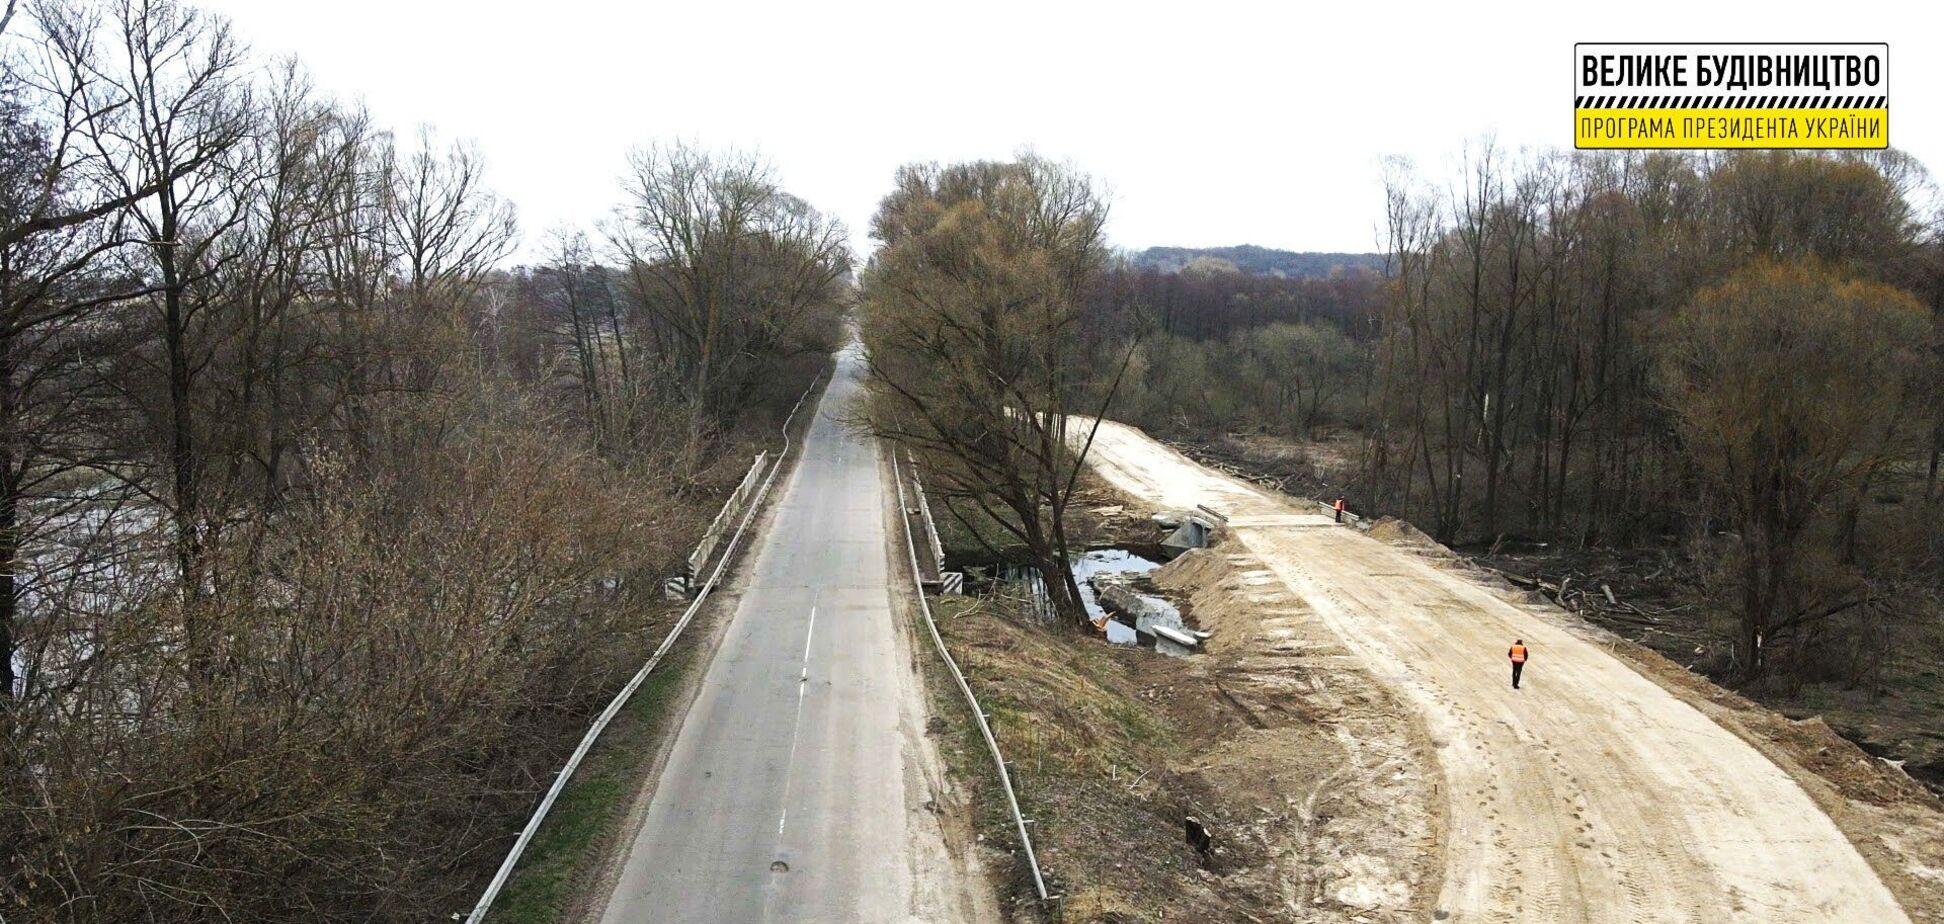 'Велике будівництво': на Чернігівщині облаштовують тимчасову об'їзну через річку Лисогір